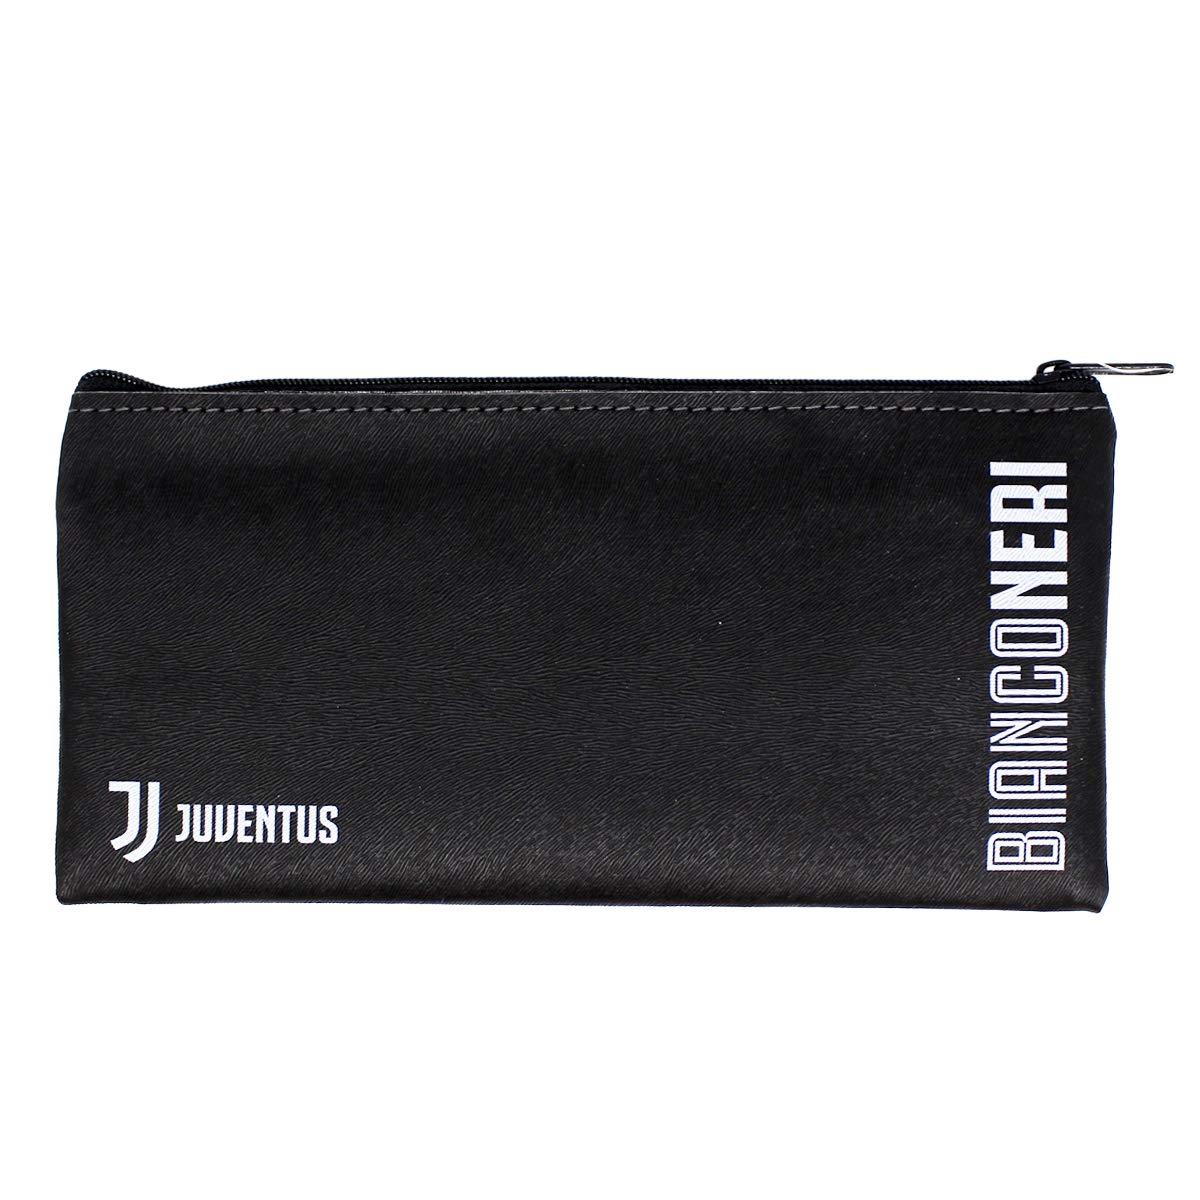 Stiftemappe schwarz 20 cm X 10 cm Juventus Turin F C